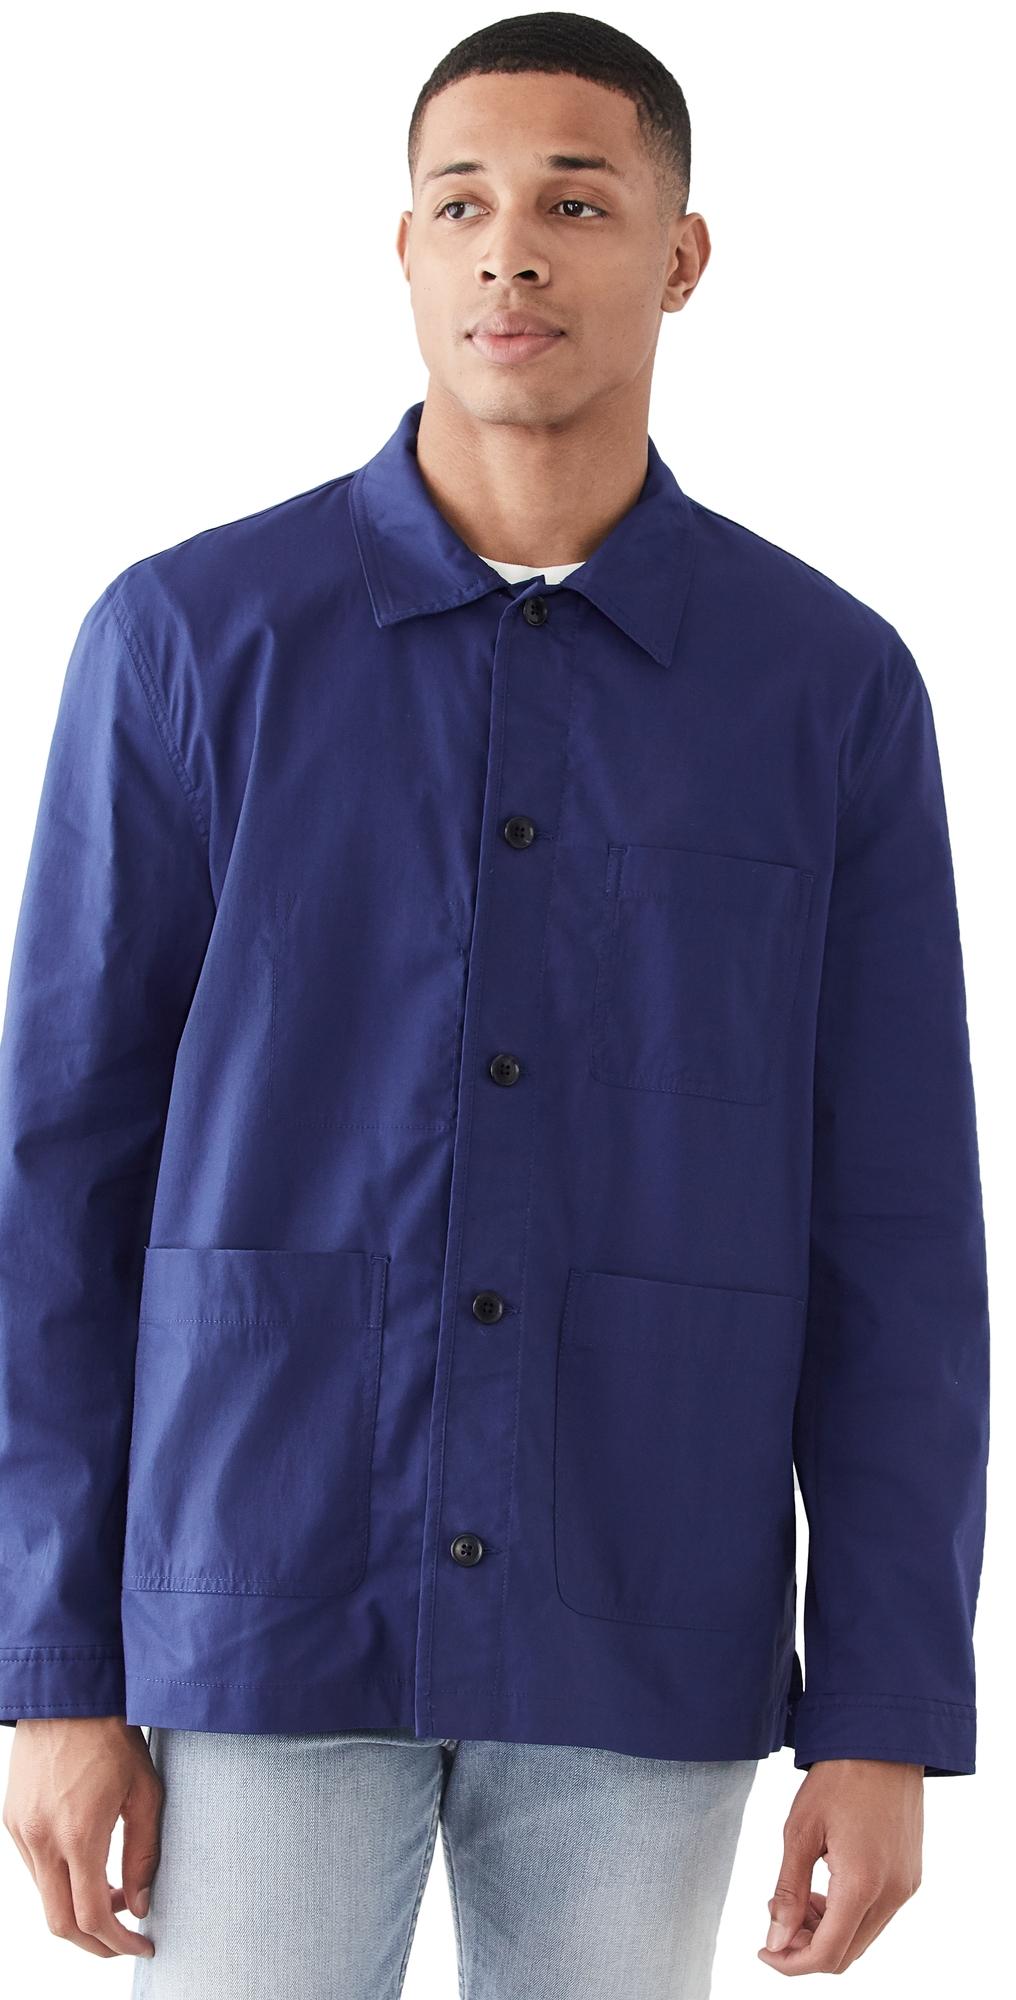 Club Monaco Workwear Jacket